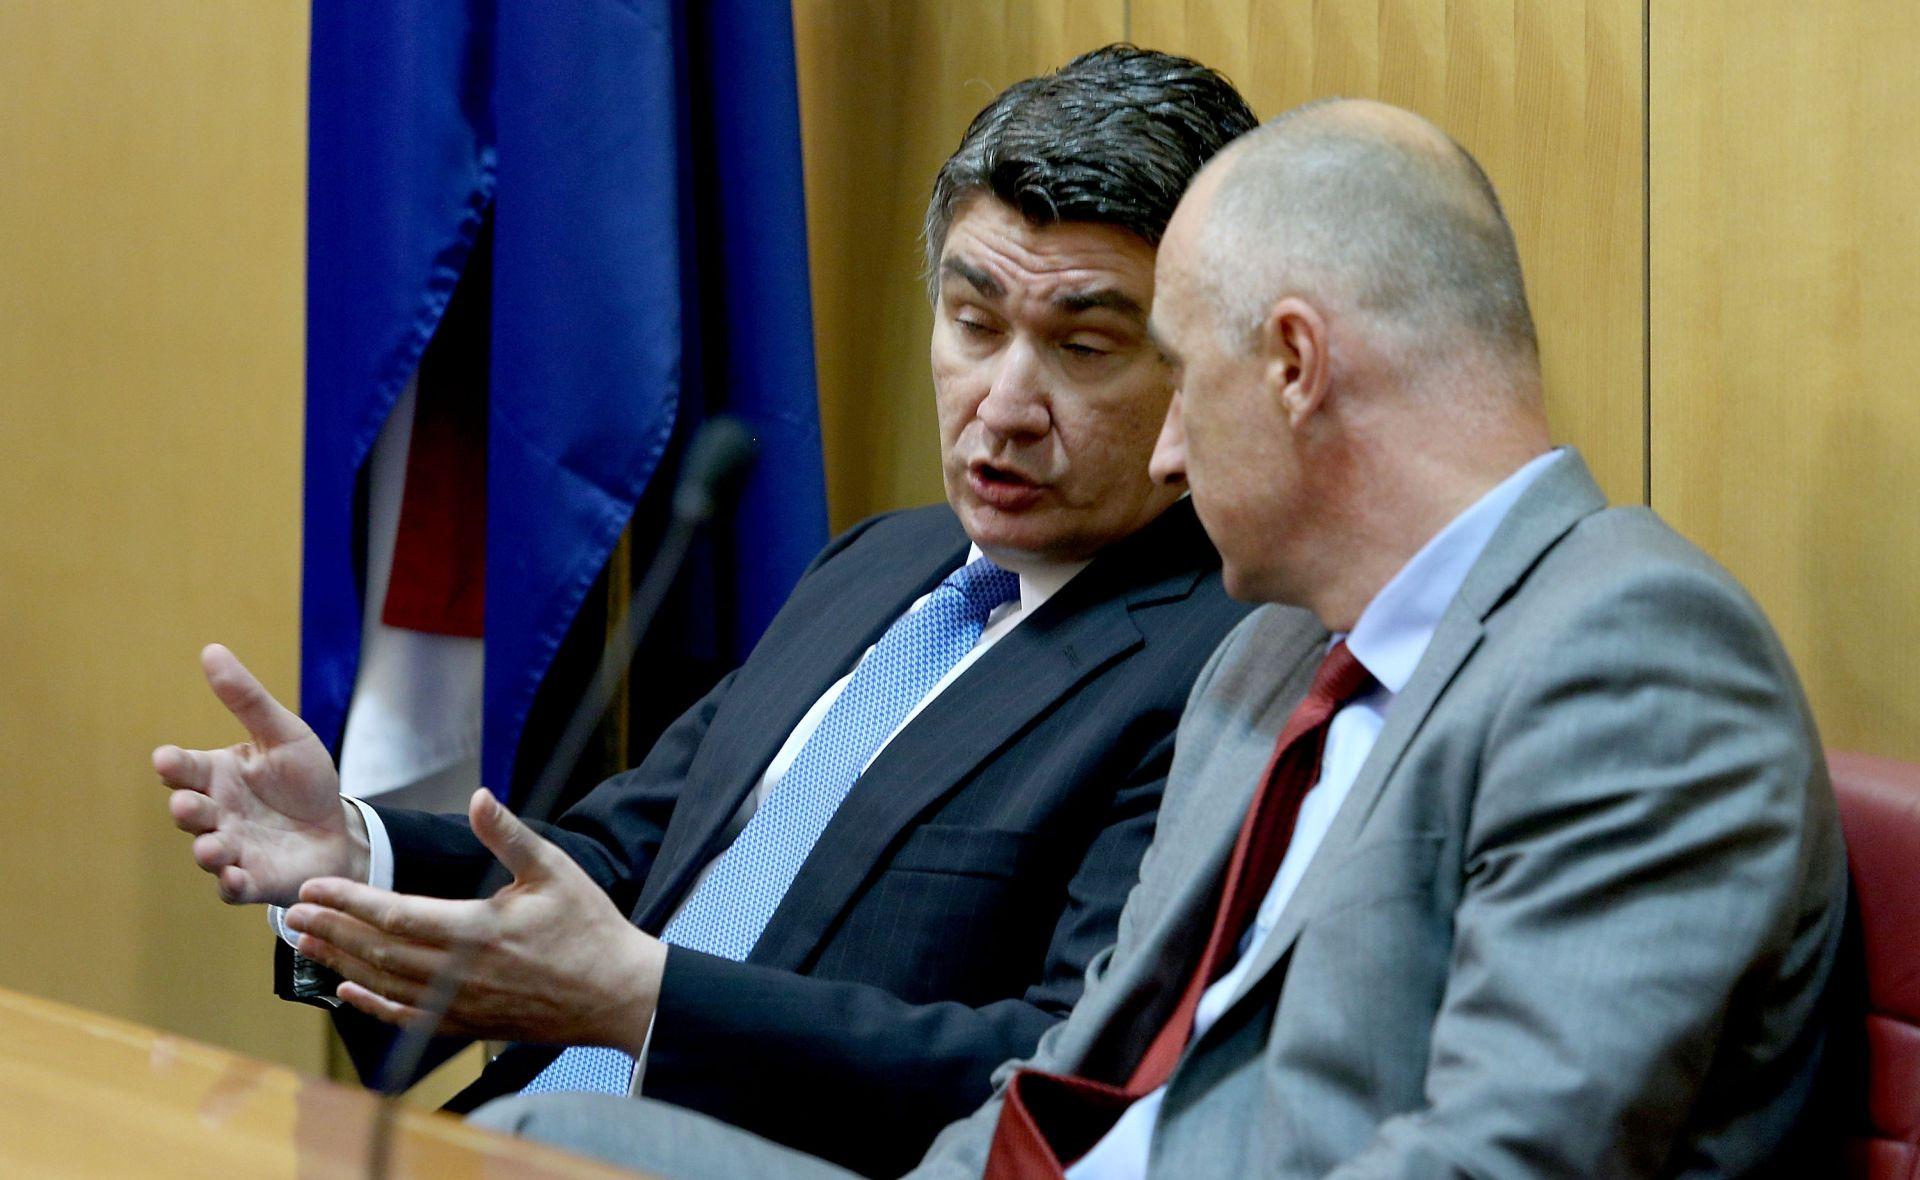 HNS i SDP se dogovorili oko zajedničkog izlaska na izbore